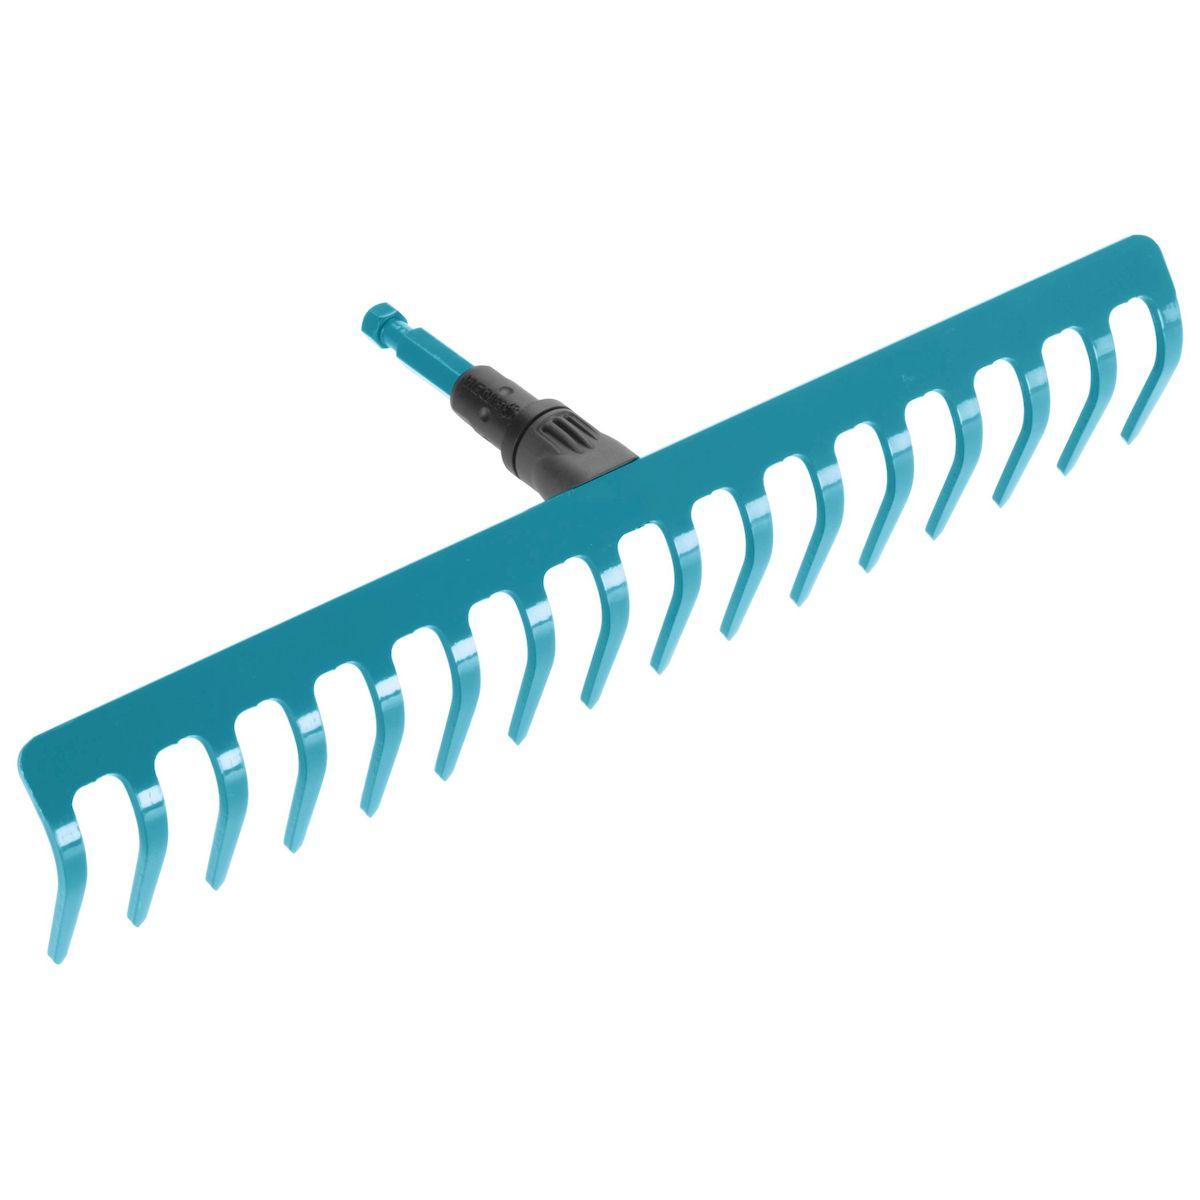 Грабли Gardena, без ручки, 41 см391602Грабли Gardena выполнены из высококачественной стали с покрытием из дюропласта, которое обеспечивает оптимальную защиту инструмента от коррозии. Грабли представляют собой практичный многофункциональный инструмент, который идеально подходит для очистки, обработки и выравнивания почвы. Грабли могут использоваться с любой ручкой, однако рекомендуется использовать ручку длиной 150 см, в зависимости от роста пользователя. Рабочая ширина: 41 см.